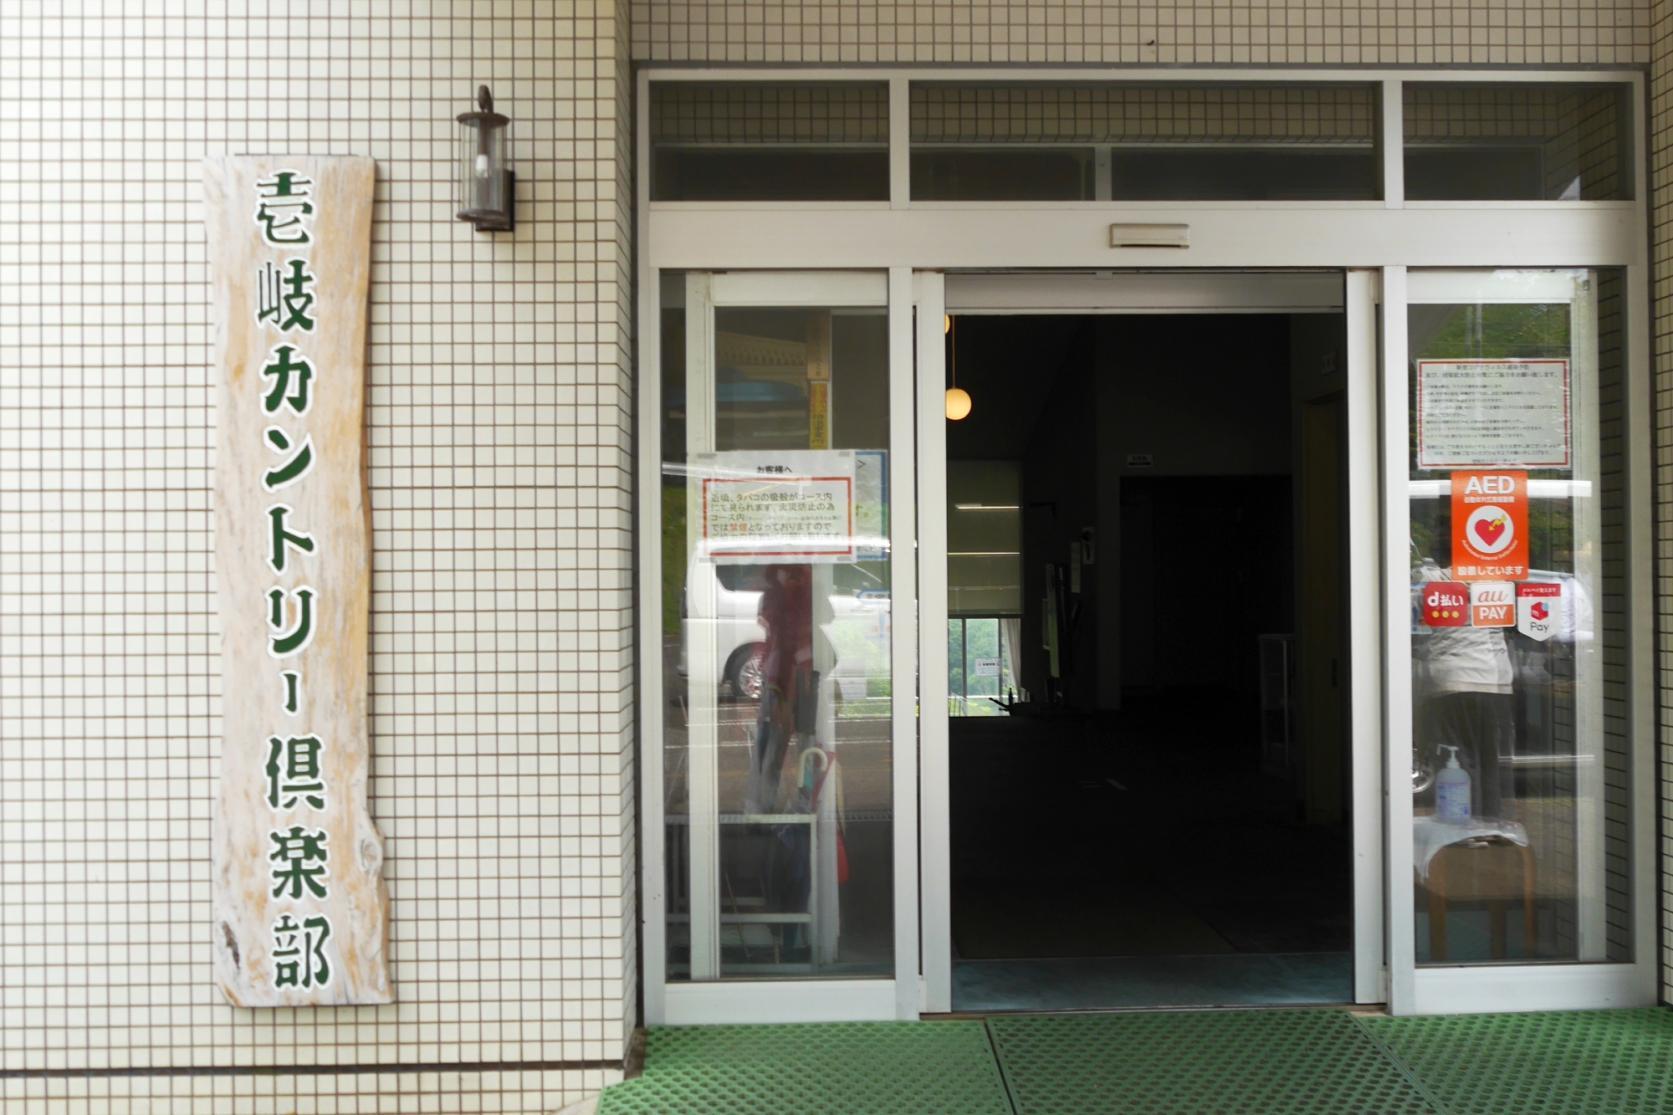 壱岐で唯一のゴルフ場!「壱岐カントリー倶楽部」-2